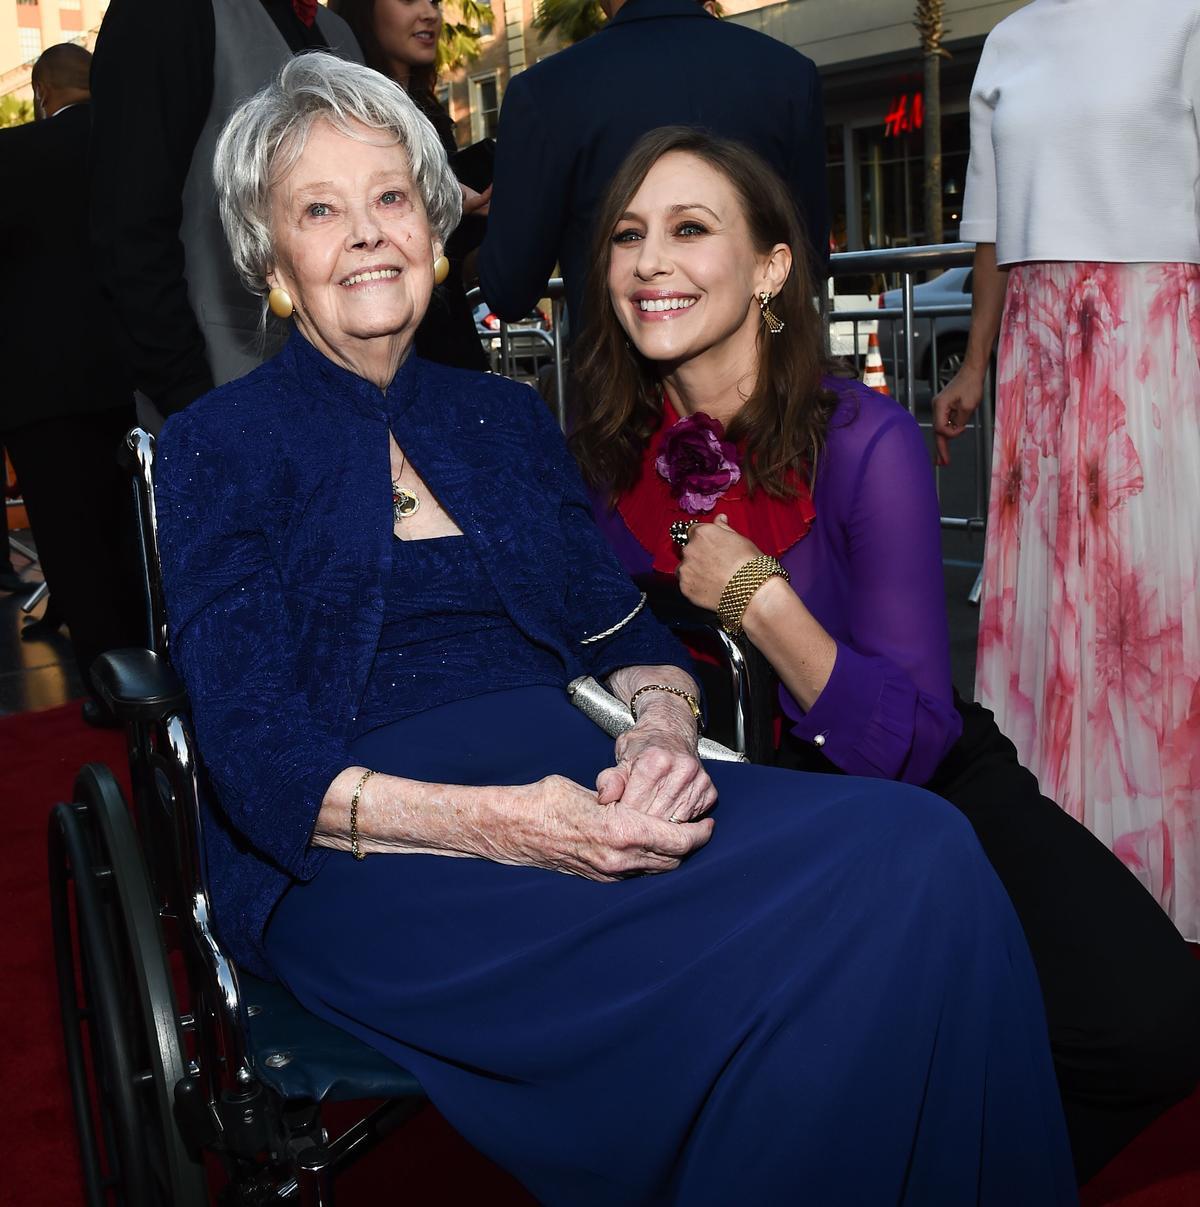 羅琳華倫(左)在2016年坐輪椅出席《厲陰宅2》首映,薇拉法蜜嘉(右)則是在大銀幕上扮演羅琳。(東方IC)